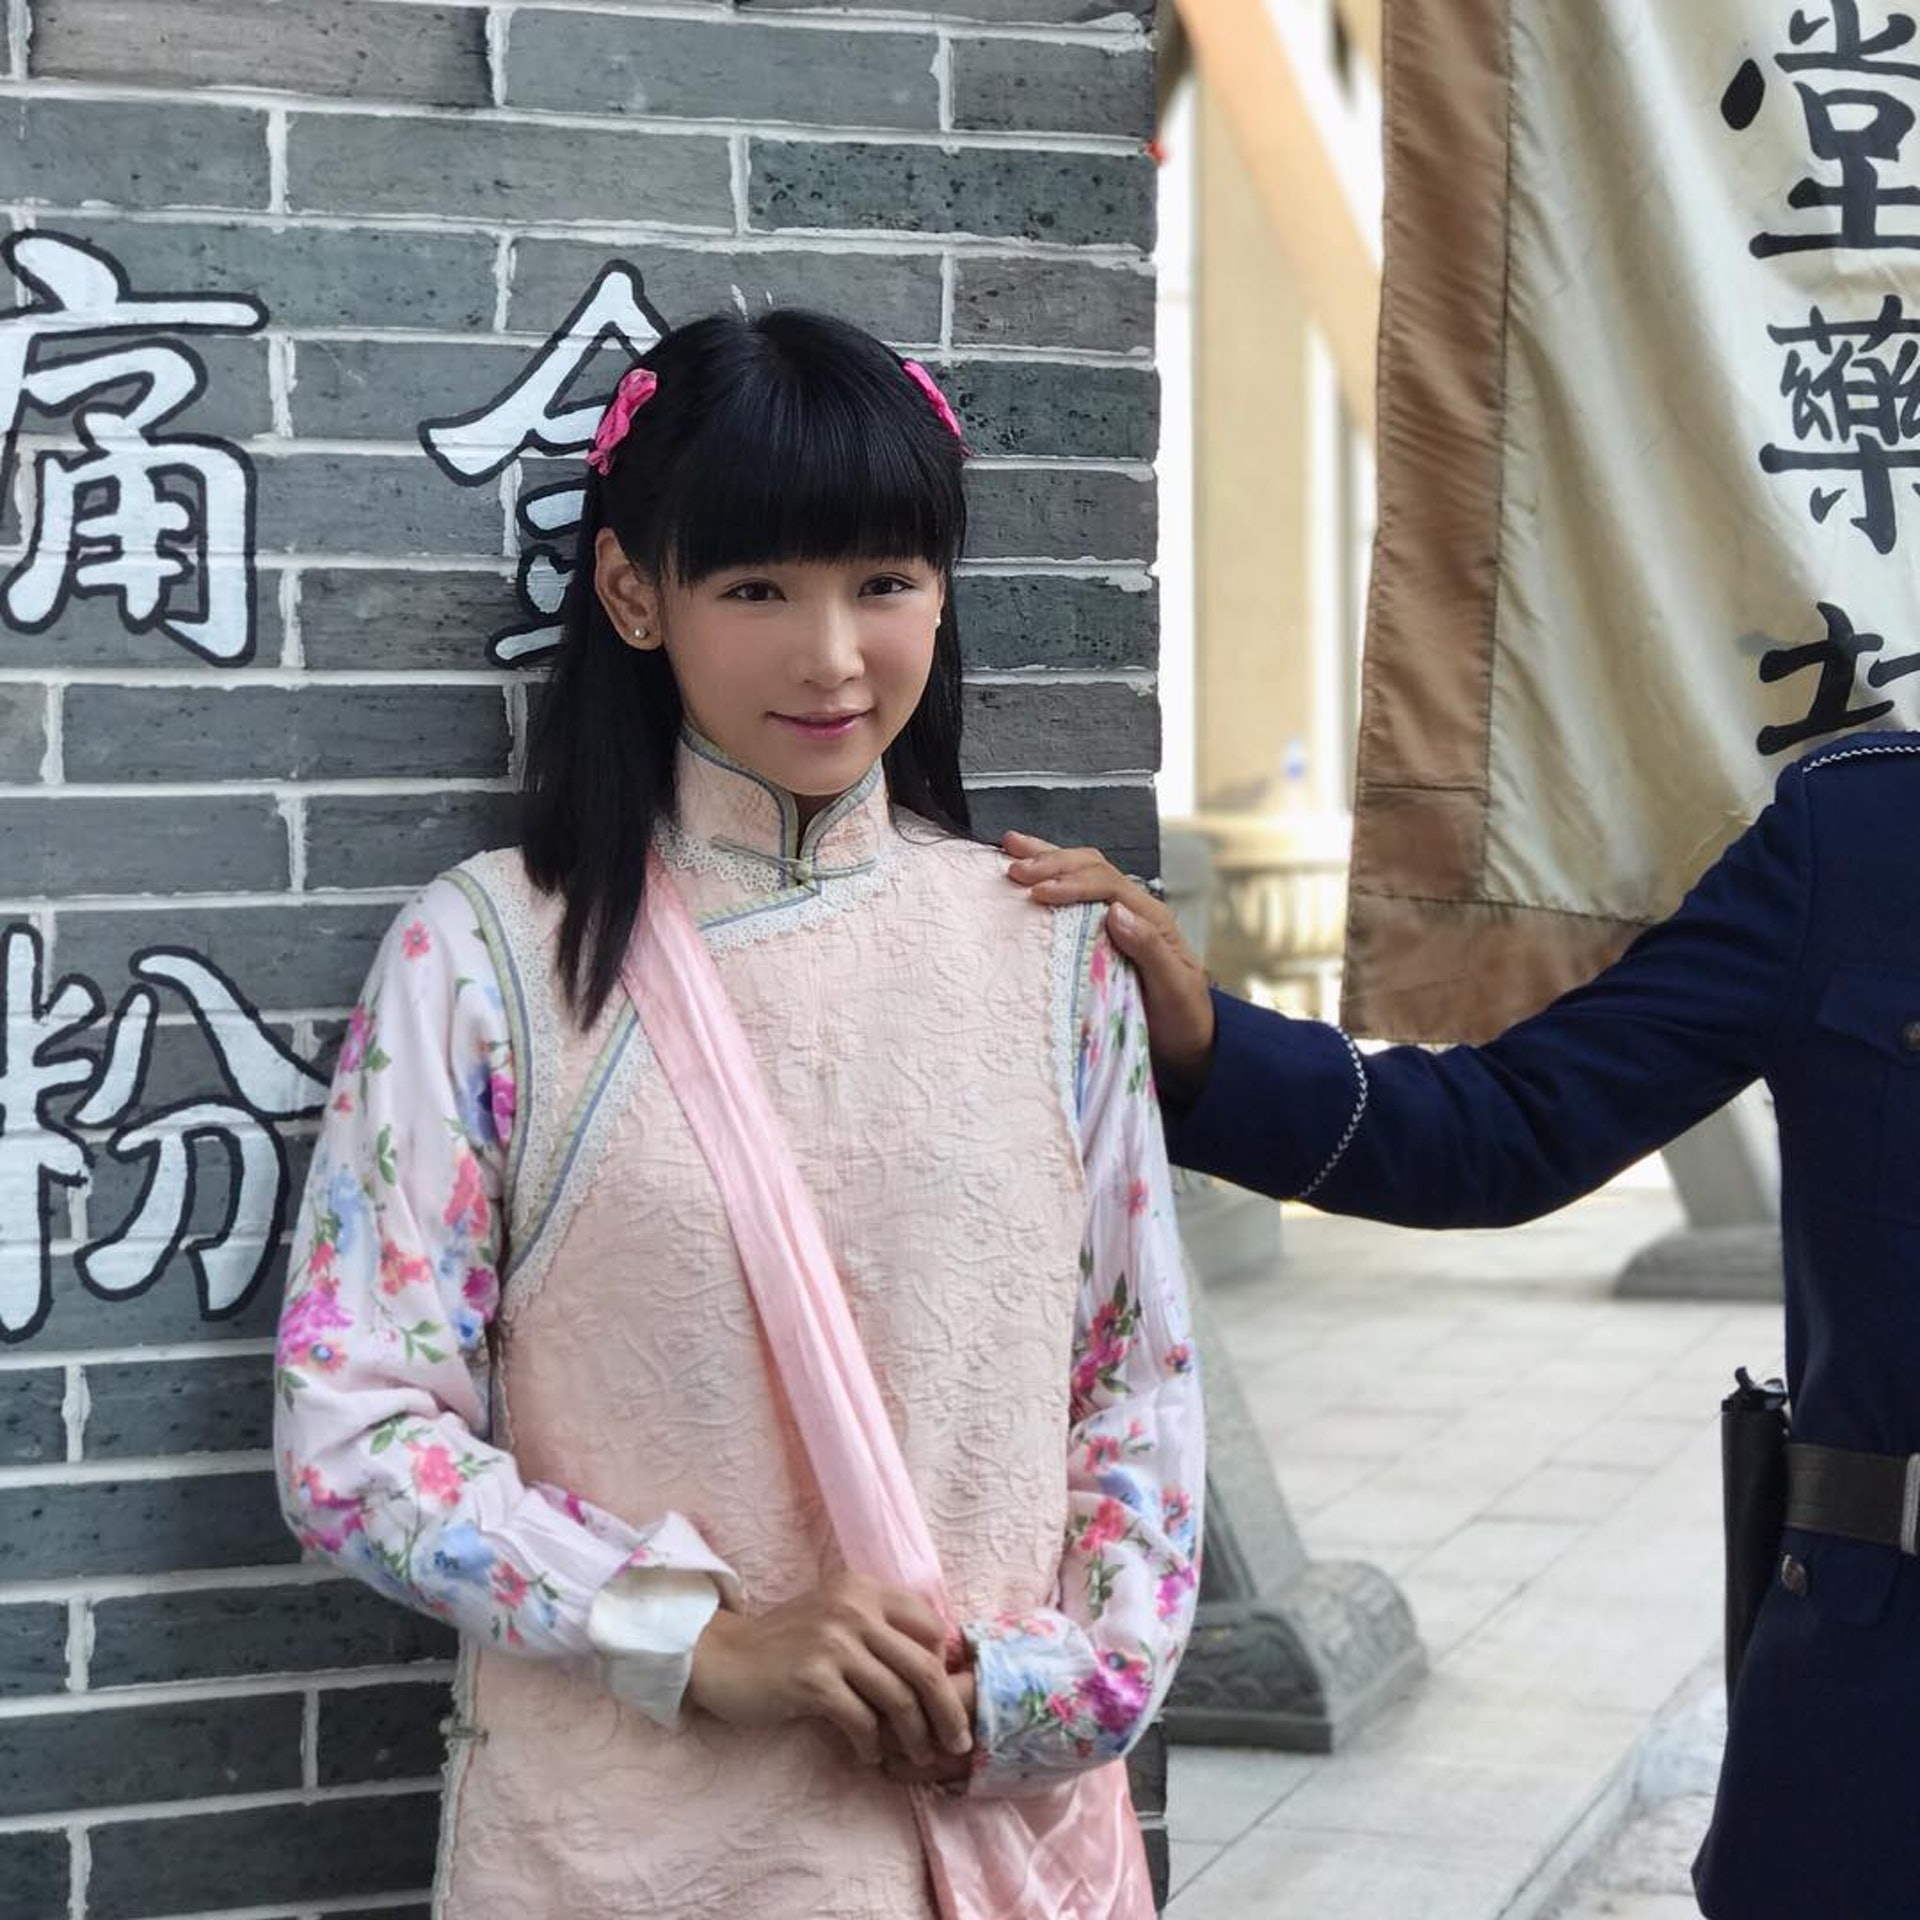 簡淑兒飾演嘅「裘娸娸」真係好可愛,可惜戲份唔多出場又少。(IG圖片)